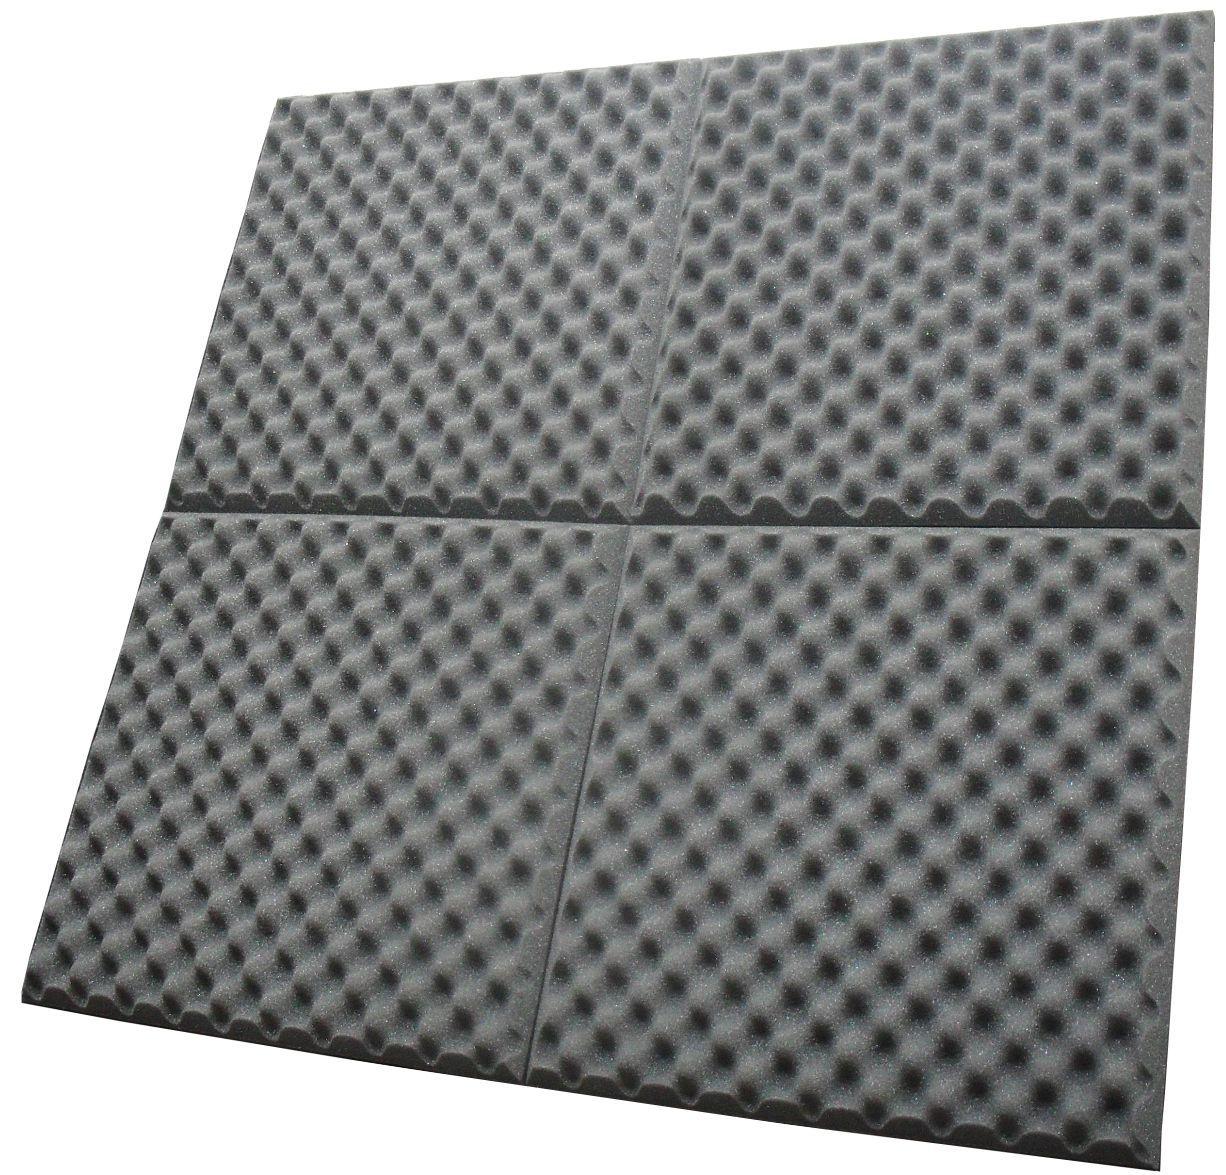 Espuma Acústica perfilada - Kit 8 peças - 40mm - (2m²)  - Loja SPL Acústica